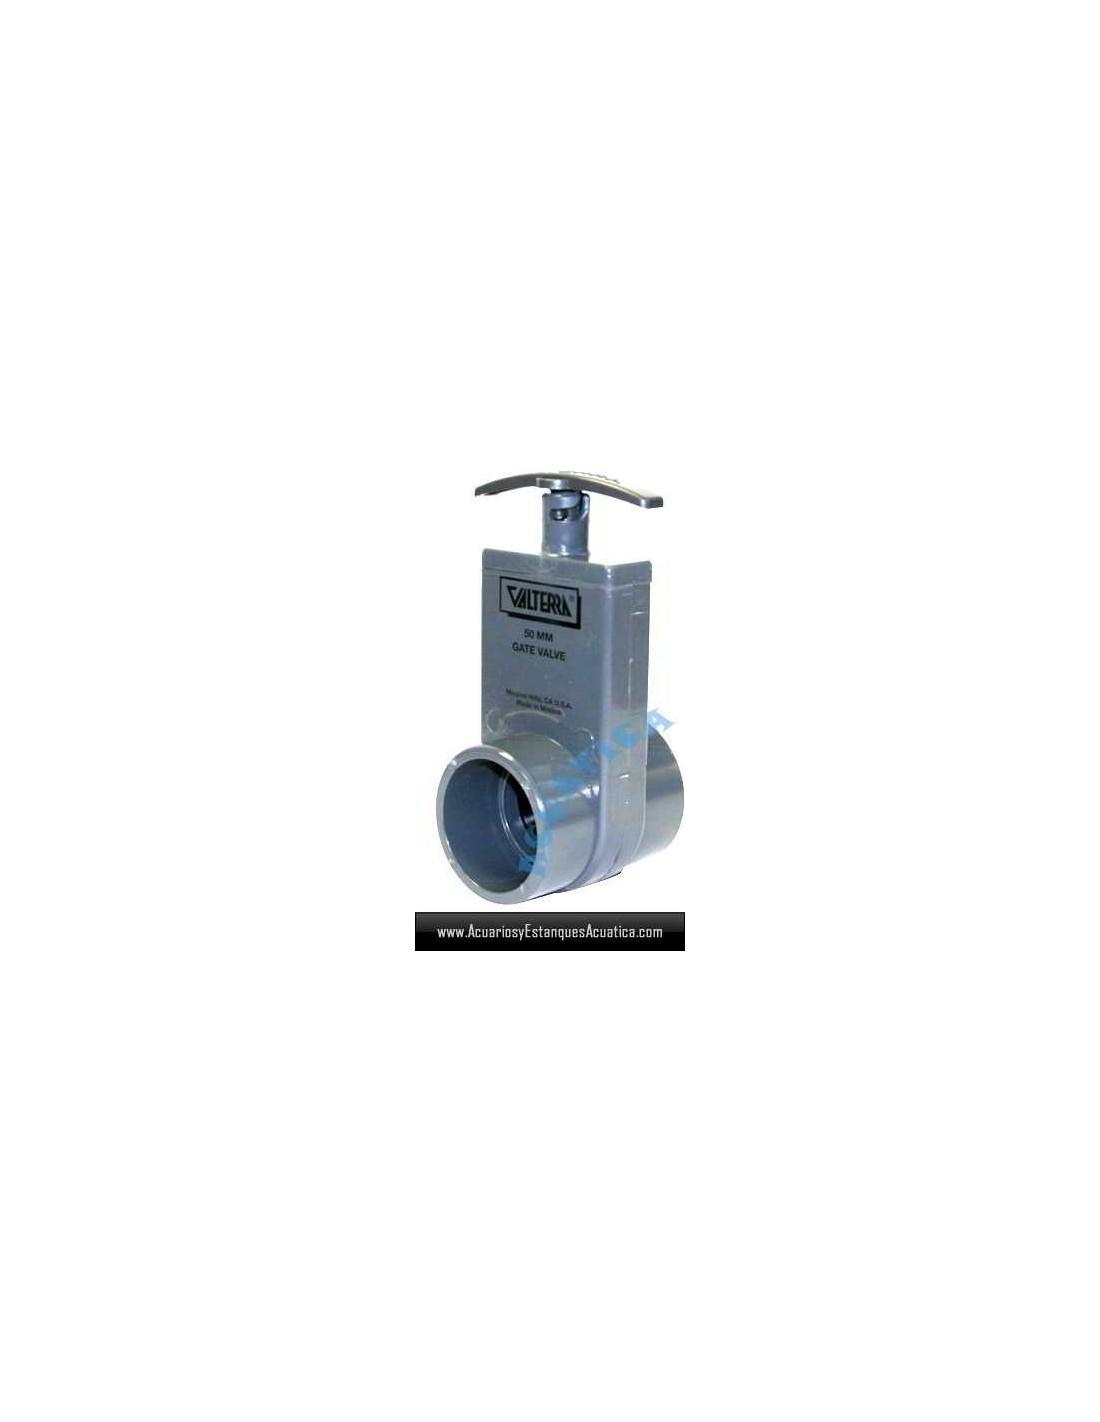 Valvula guillotina valterra unibody 50mm estanques for Estanques de pvc